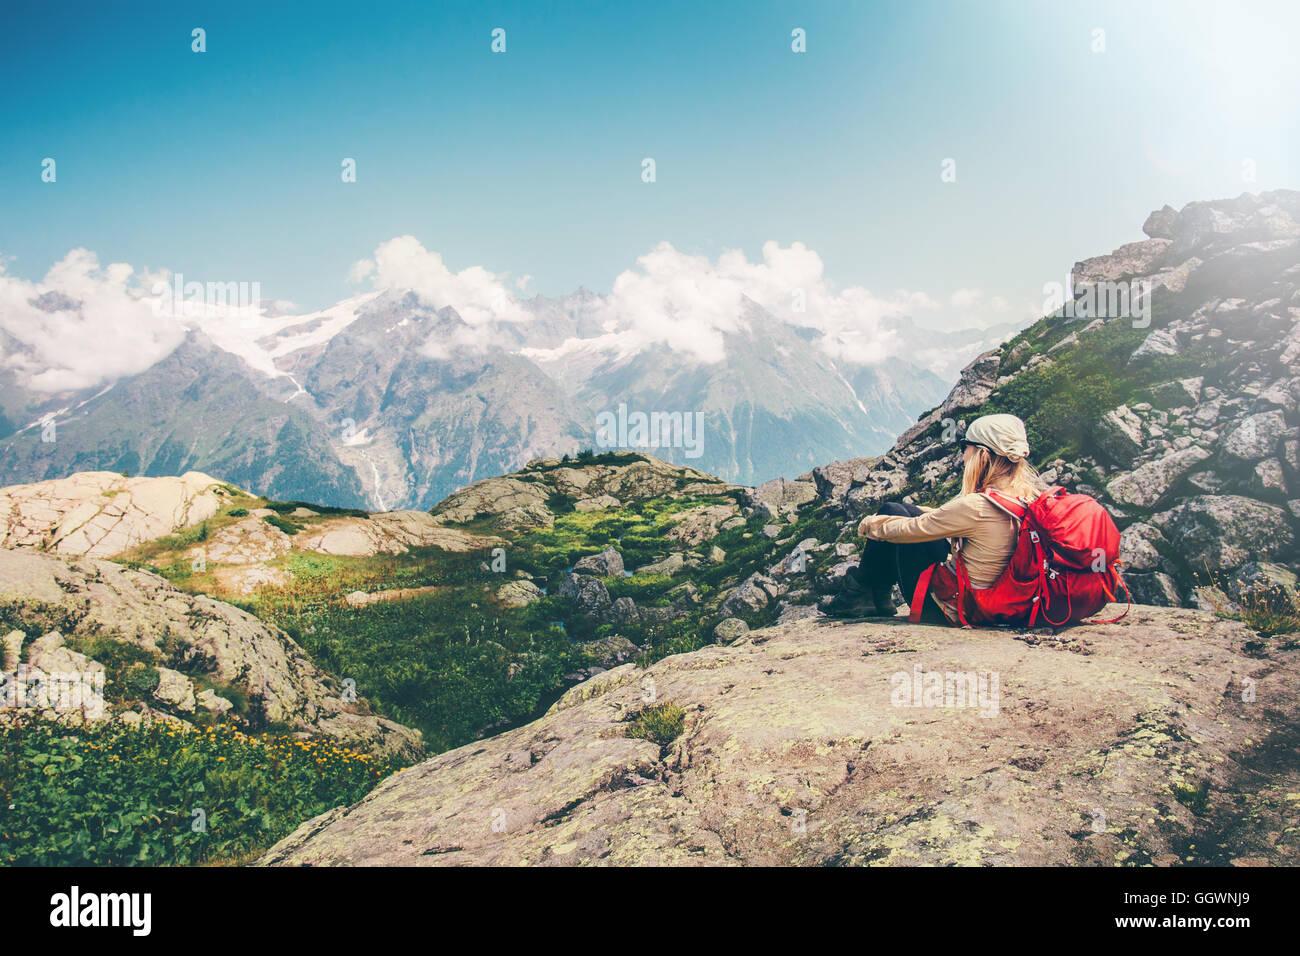 Woman Traveler mit Rucksack entspannen mit Bergen Ruhe Reisen Lifestyle-Konzept Abenteuer Sommer Wanderurlaub Stockbild